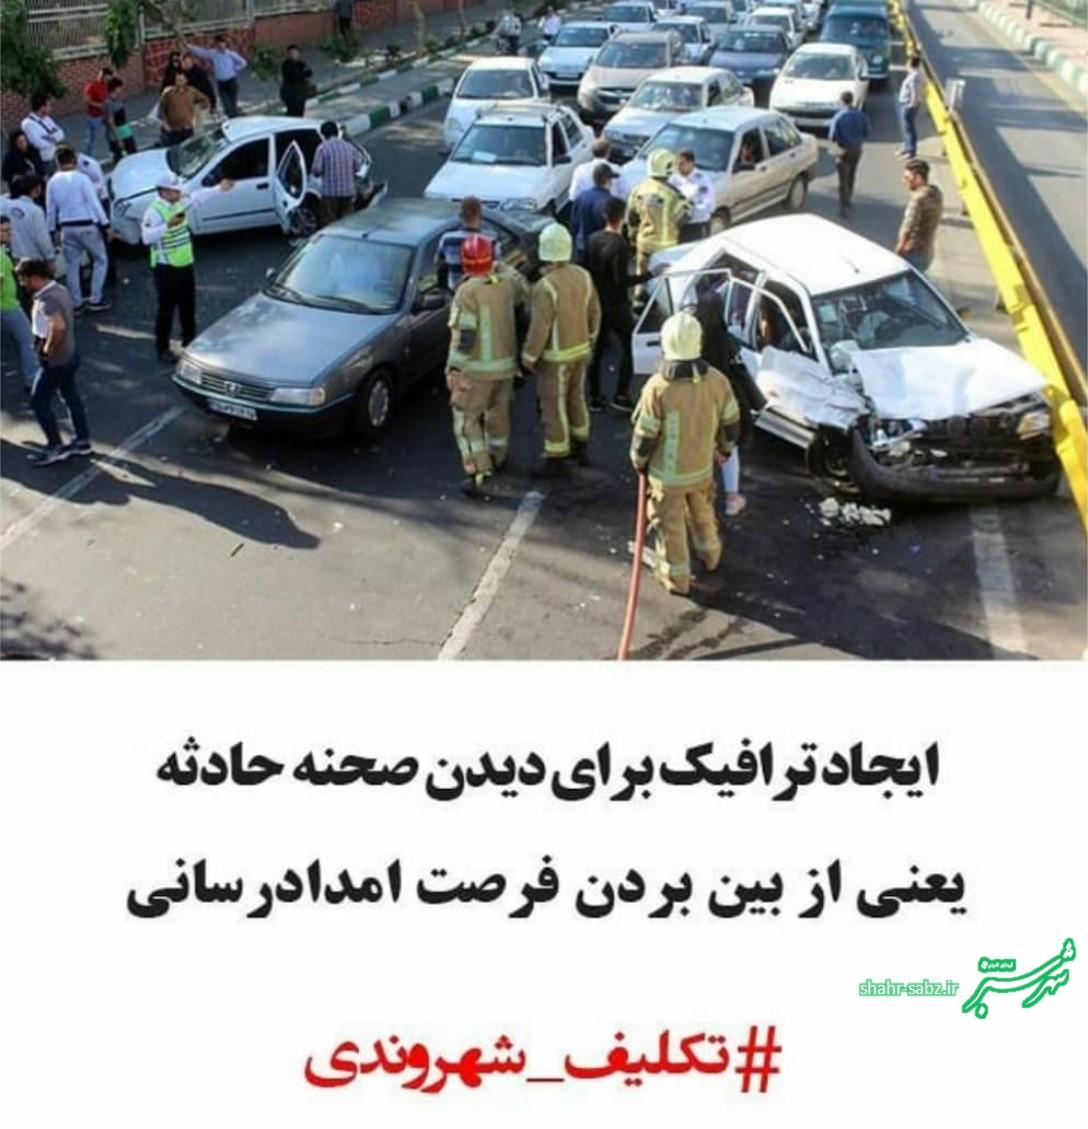 تکلیف شهروندی: ایجاد ترافیک در محل حادثه